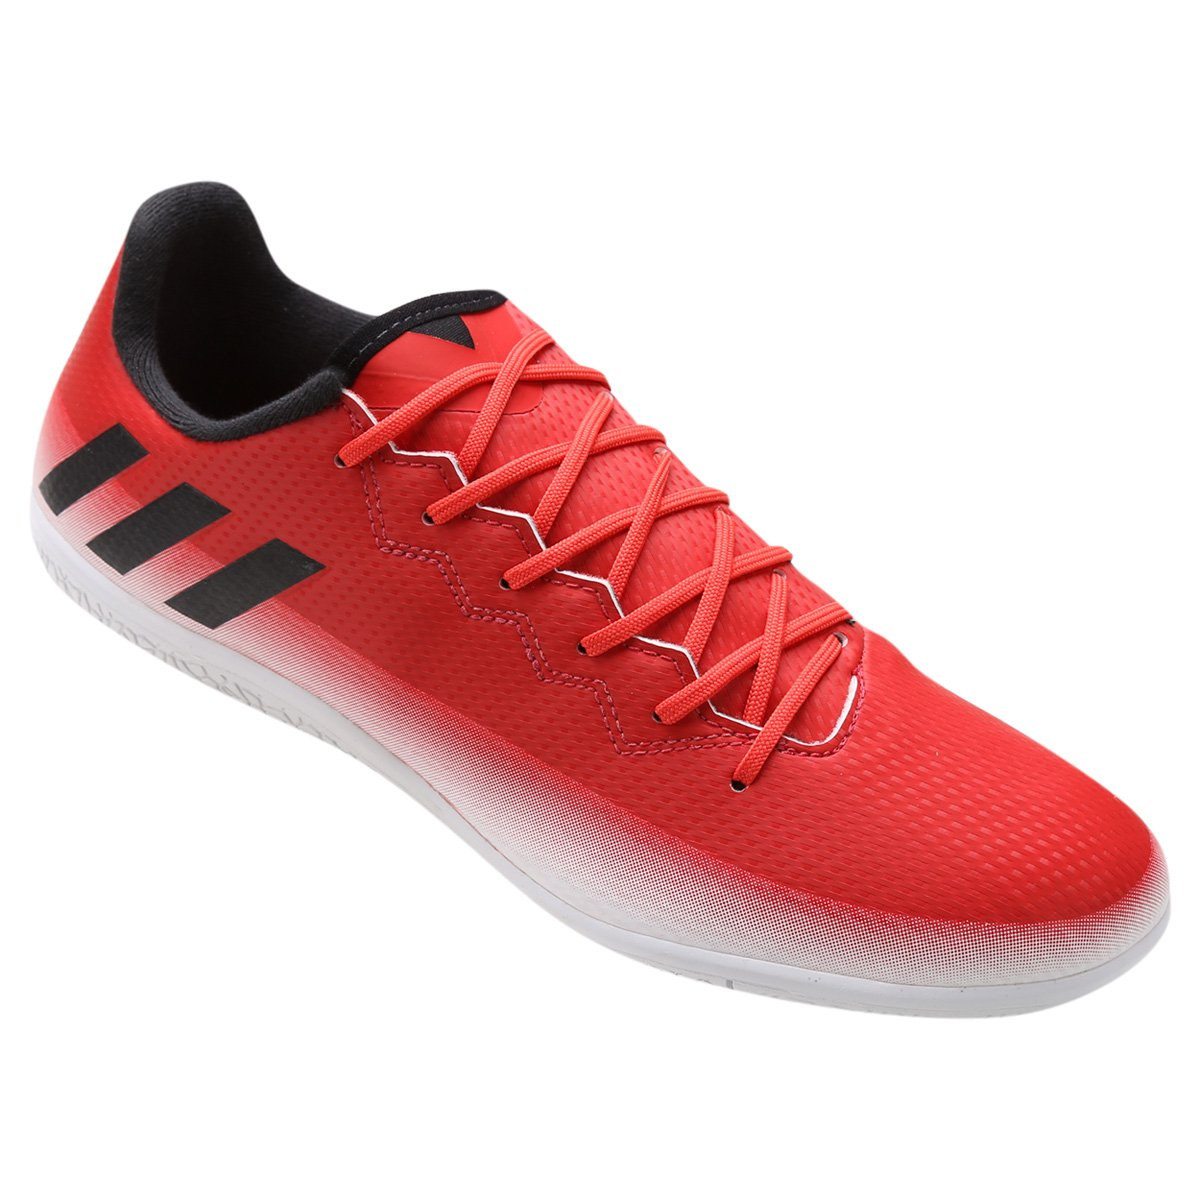 4524c3dc4743b Chuteira Futsal Adidas Messi 16.3 IN - Compre Agora